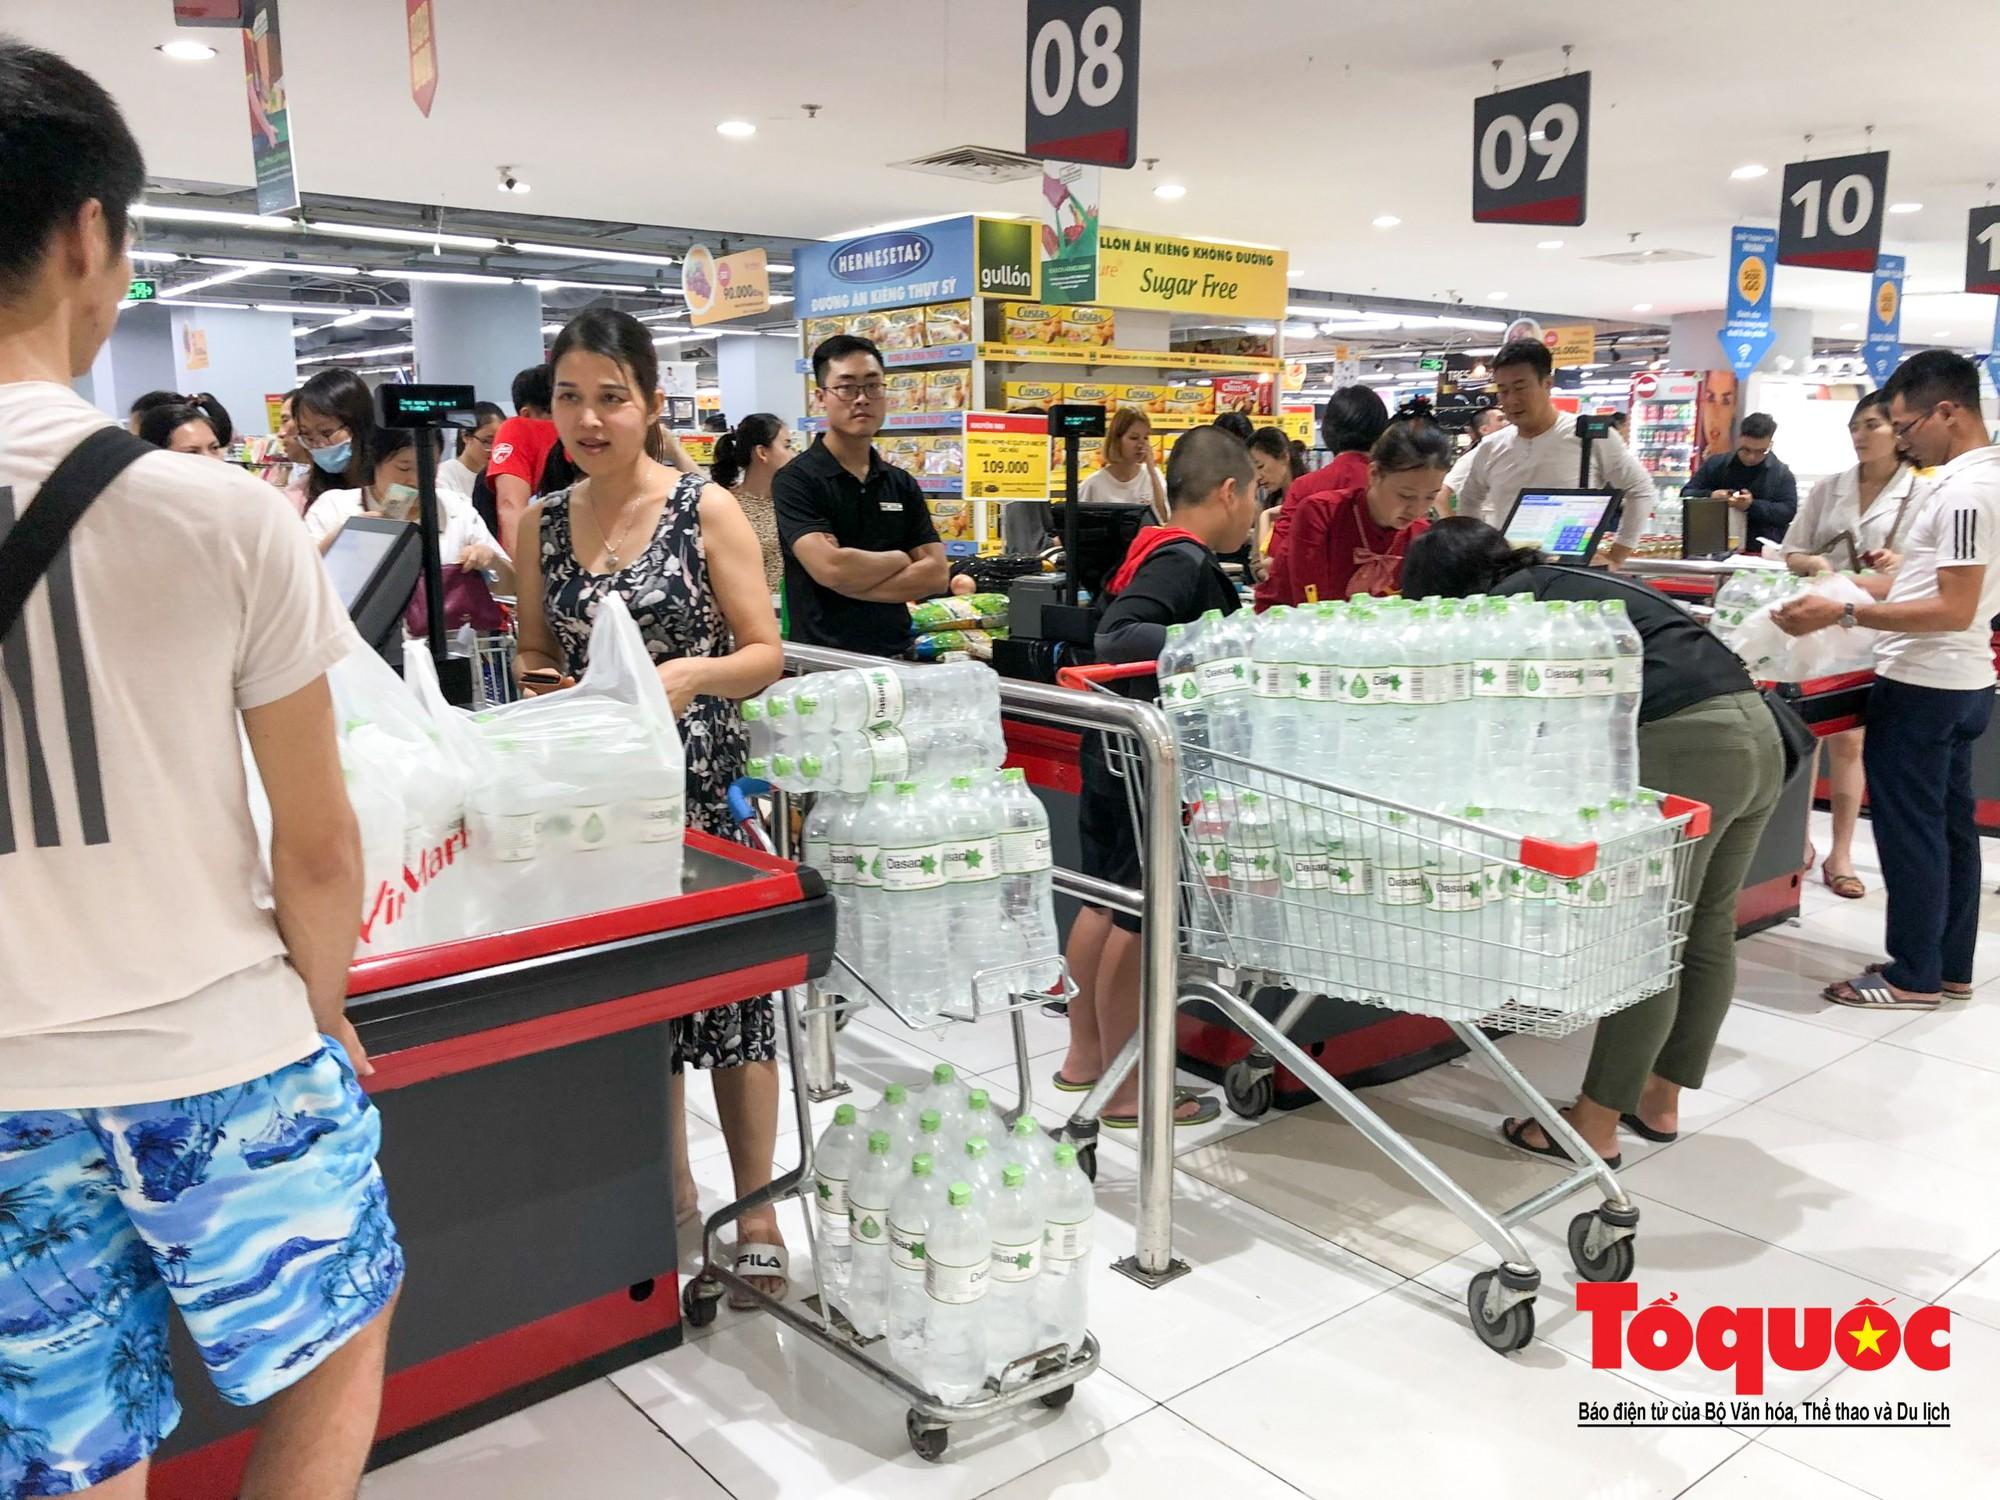 Sợ nước bẩn, người dân đổ xô đến các siêu thi mua nước đóng chai8